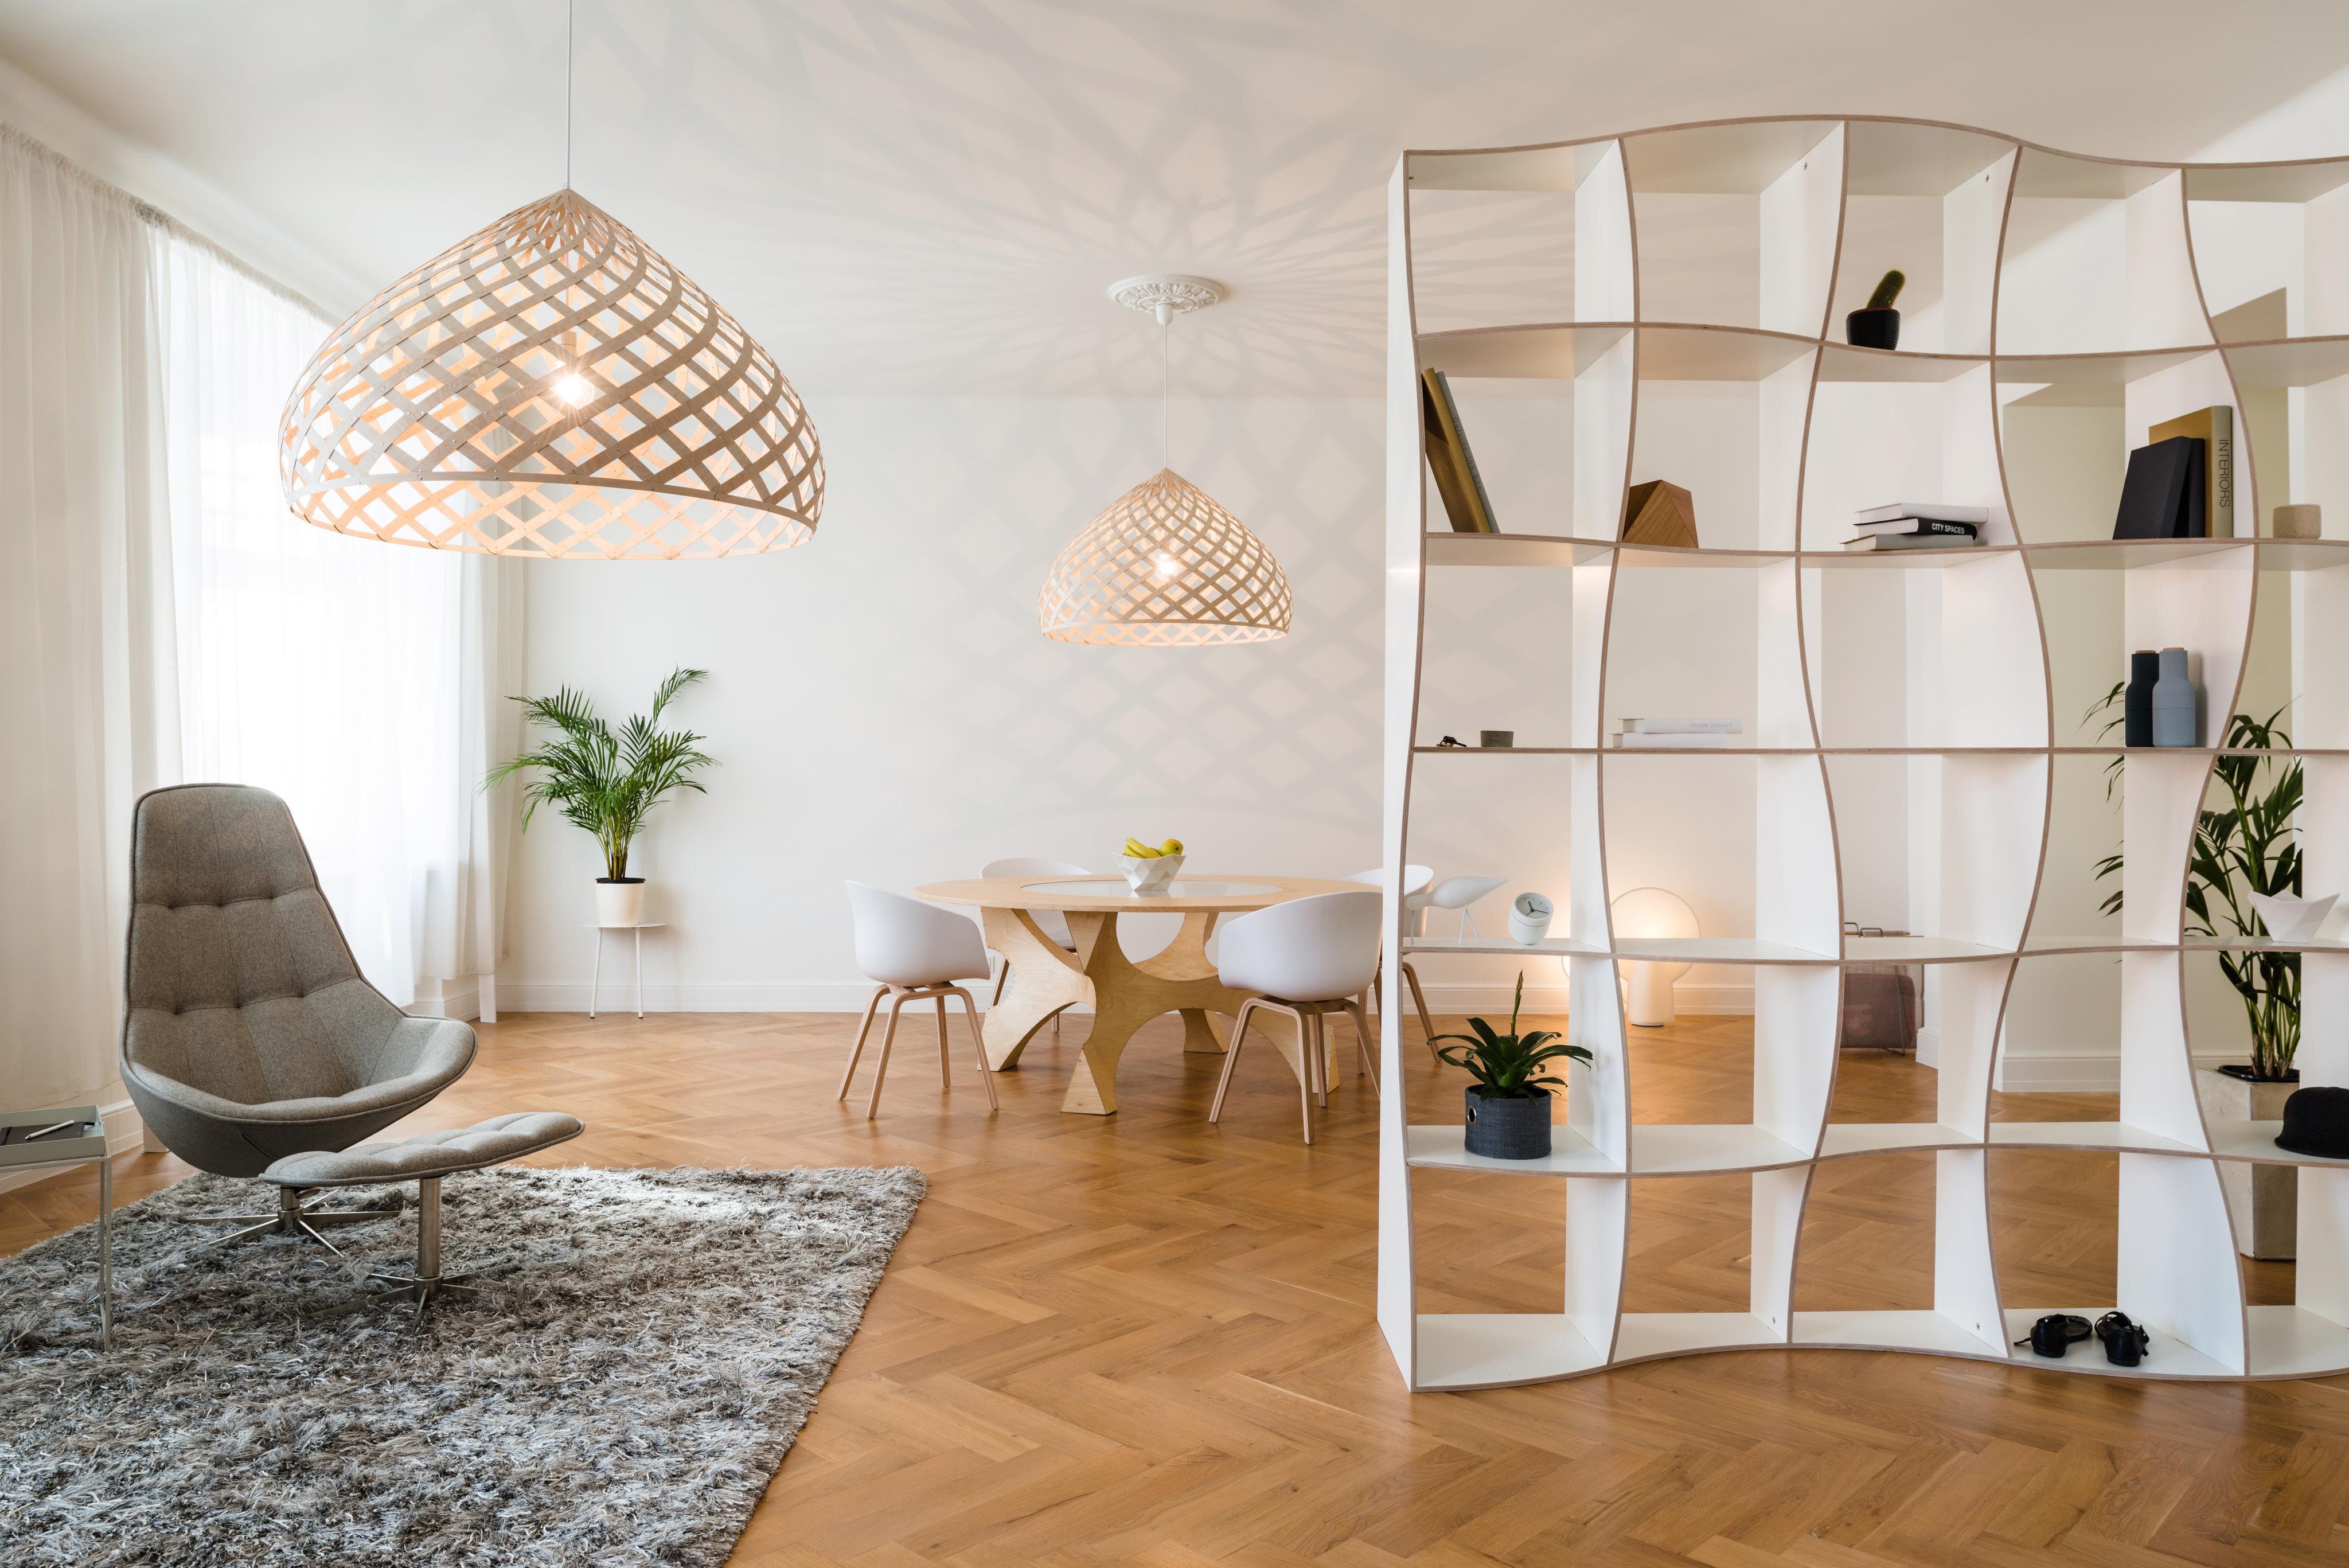 Minimalistisches Wohnzimmer Mit Raumtrenner Rega